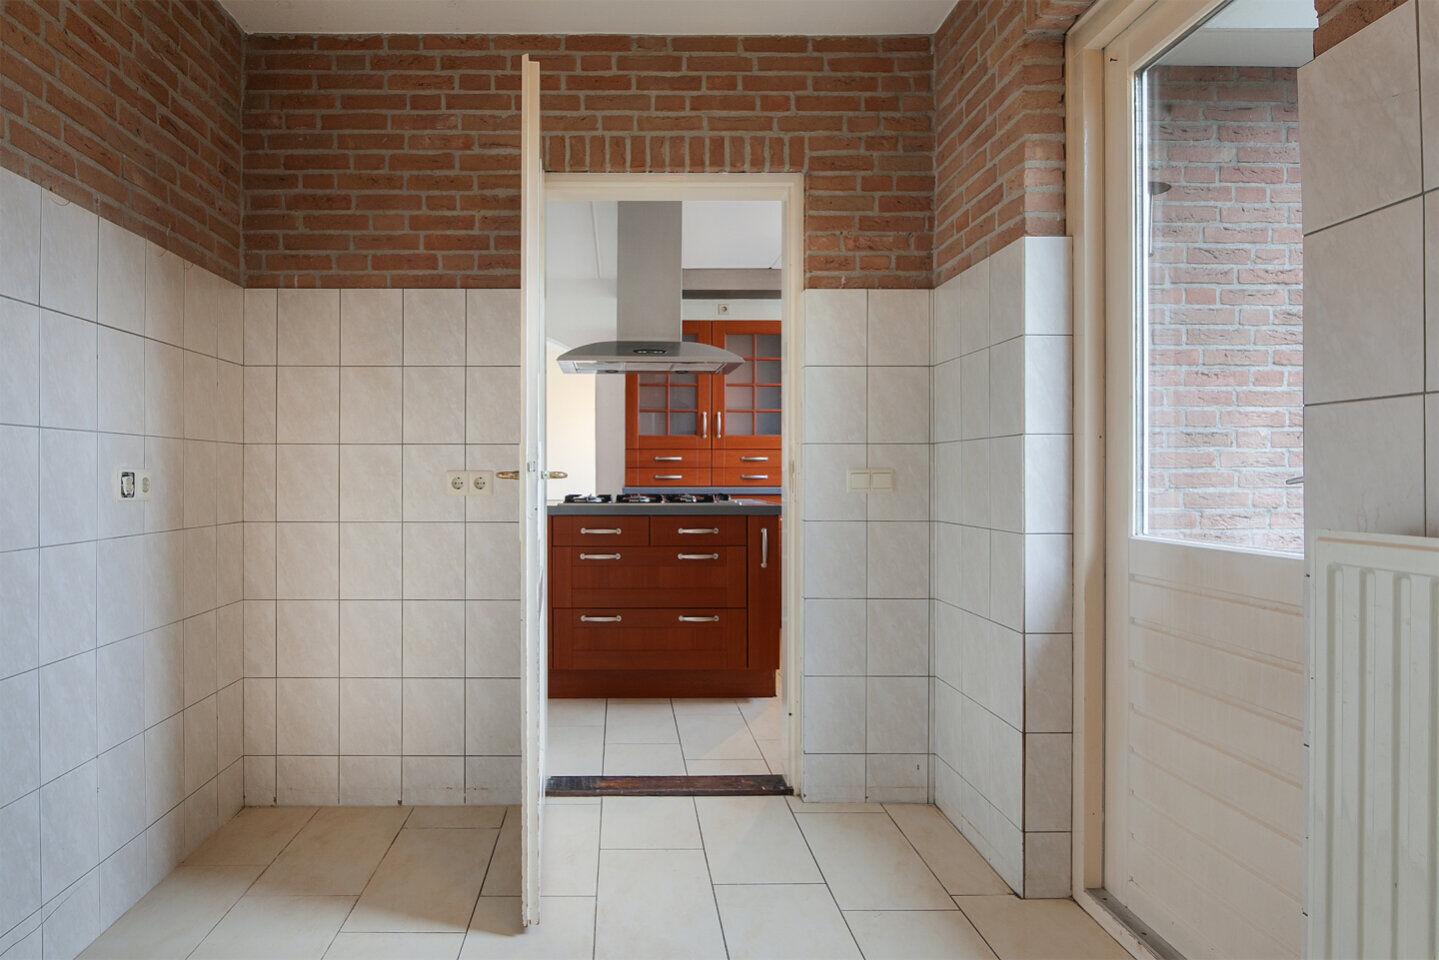 36466-gibsonstraat_16-steenbergen-141747198